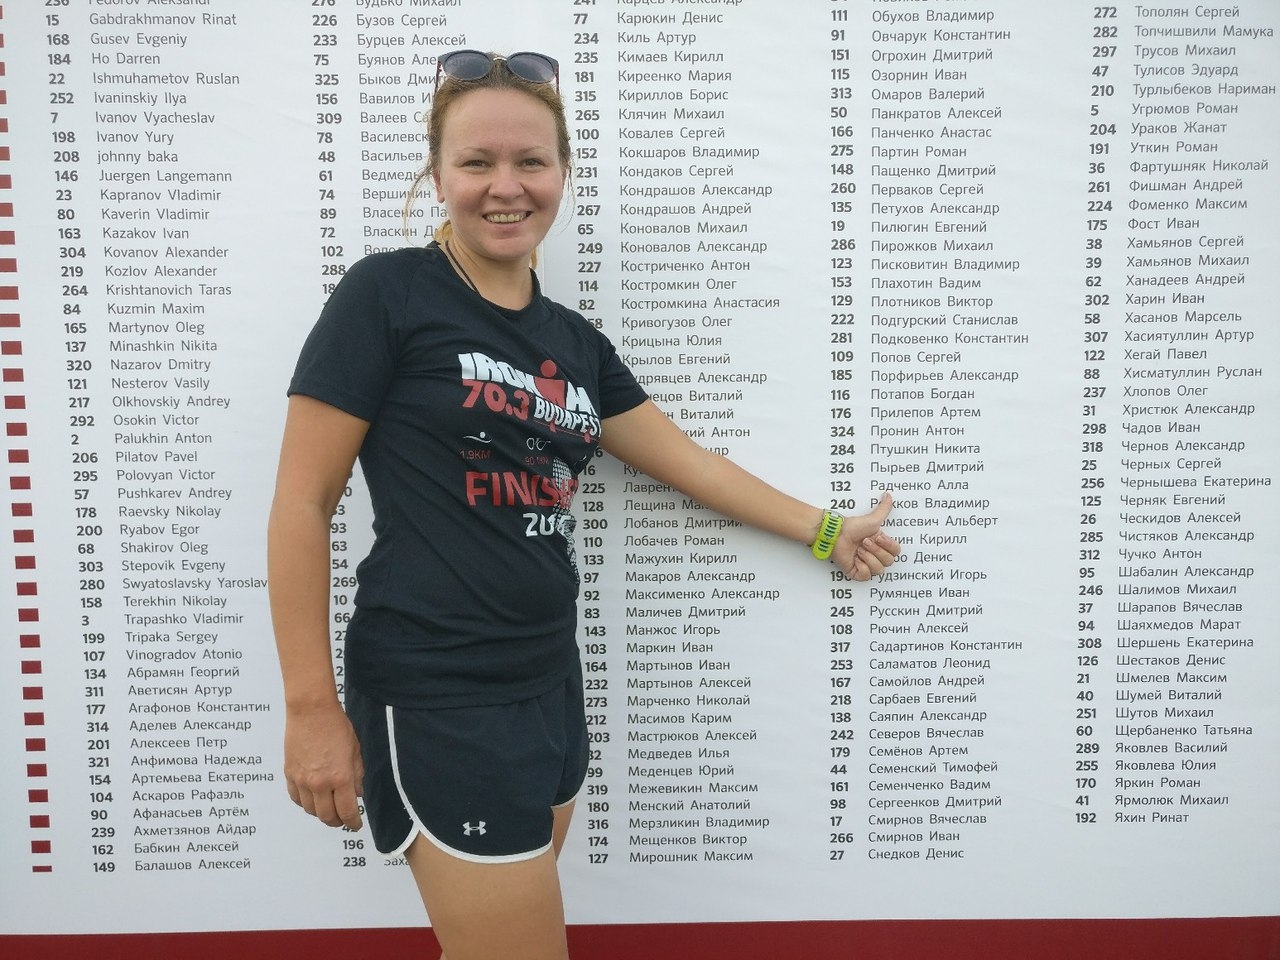 Триатлон Ironman впервые преодолела девушка из Белгорода